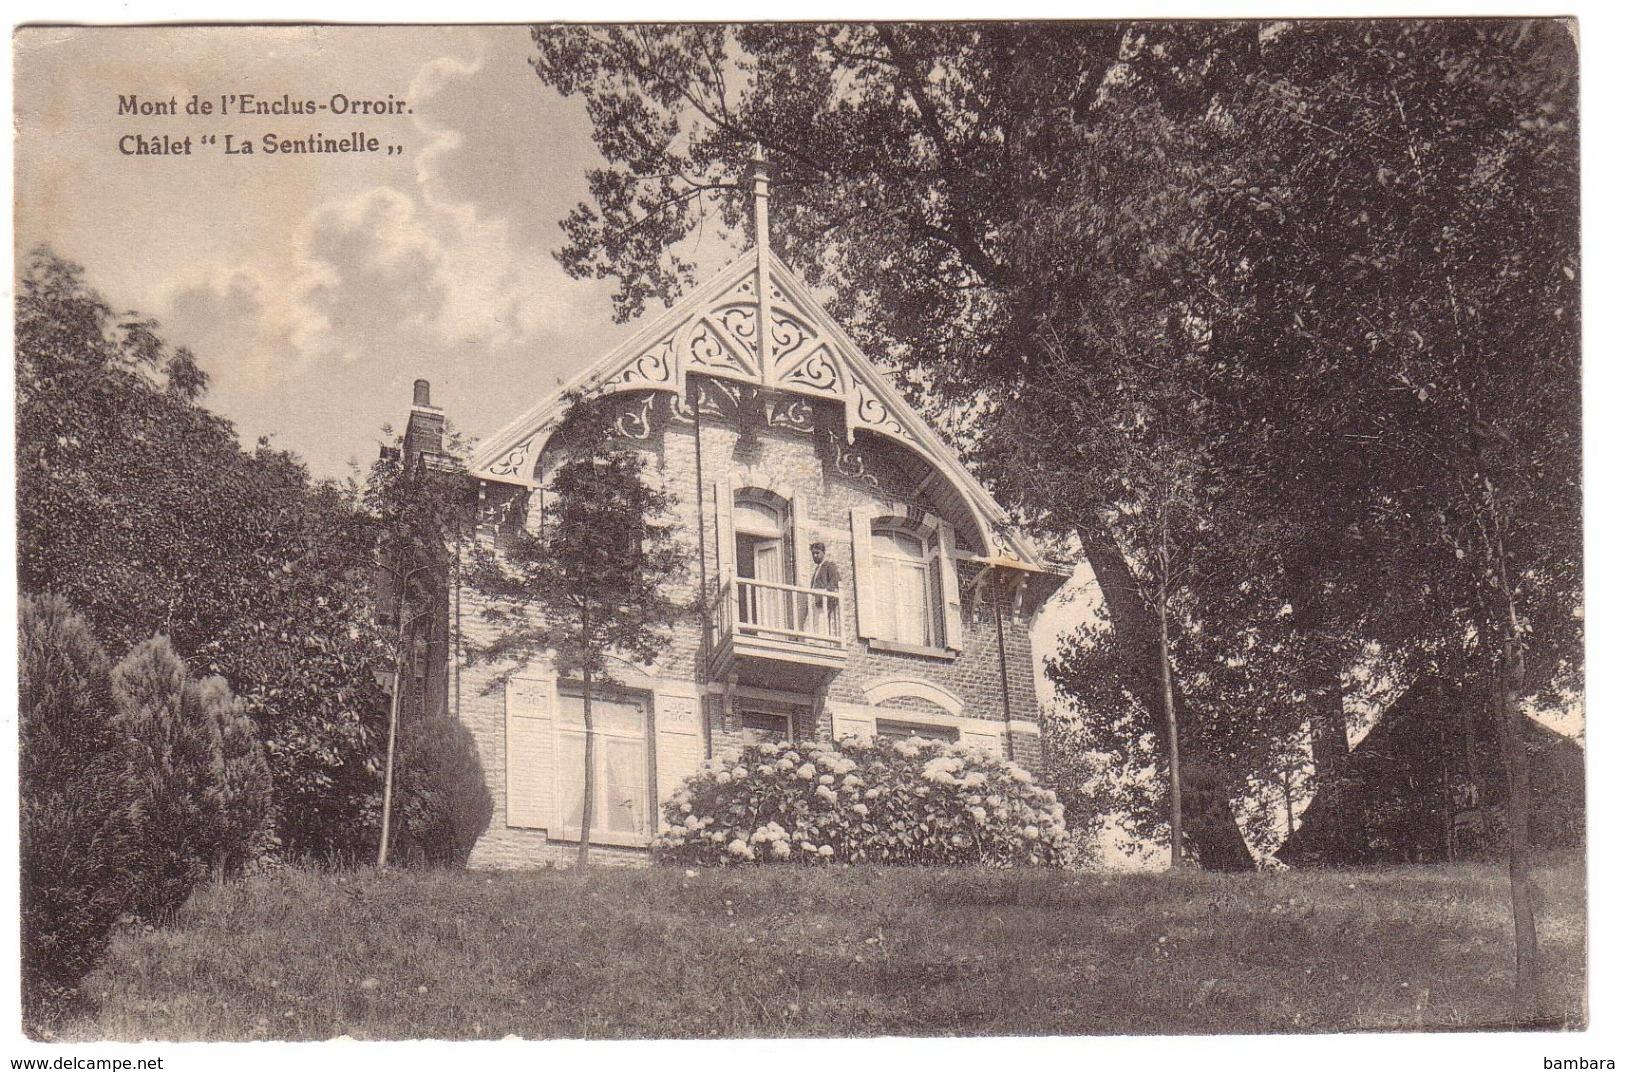 ORROIR - Châlet  La Sentinelle. - Mont-de-l'Enclus